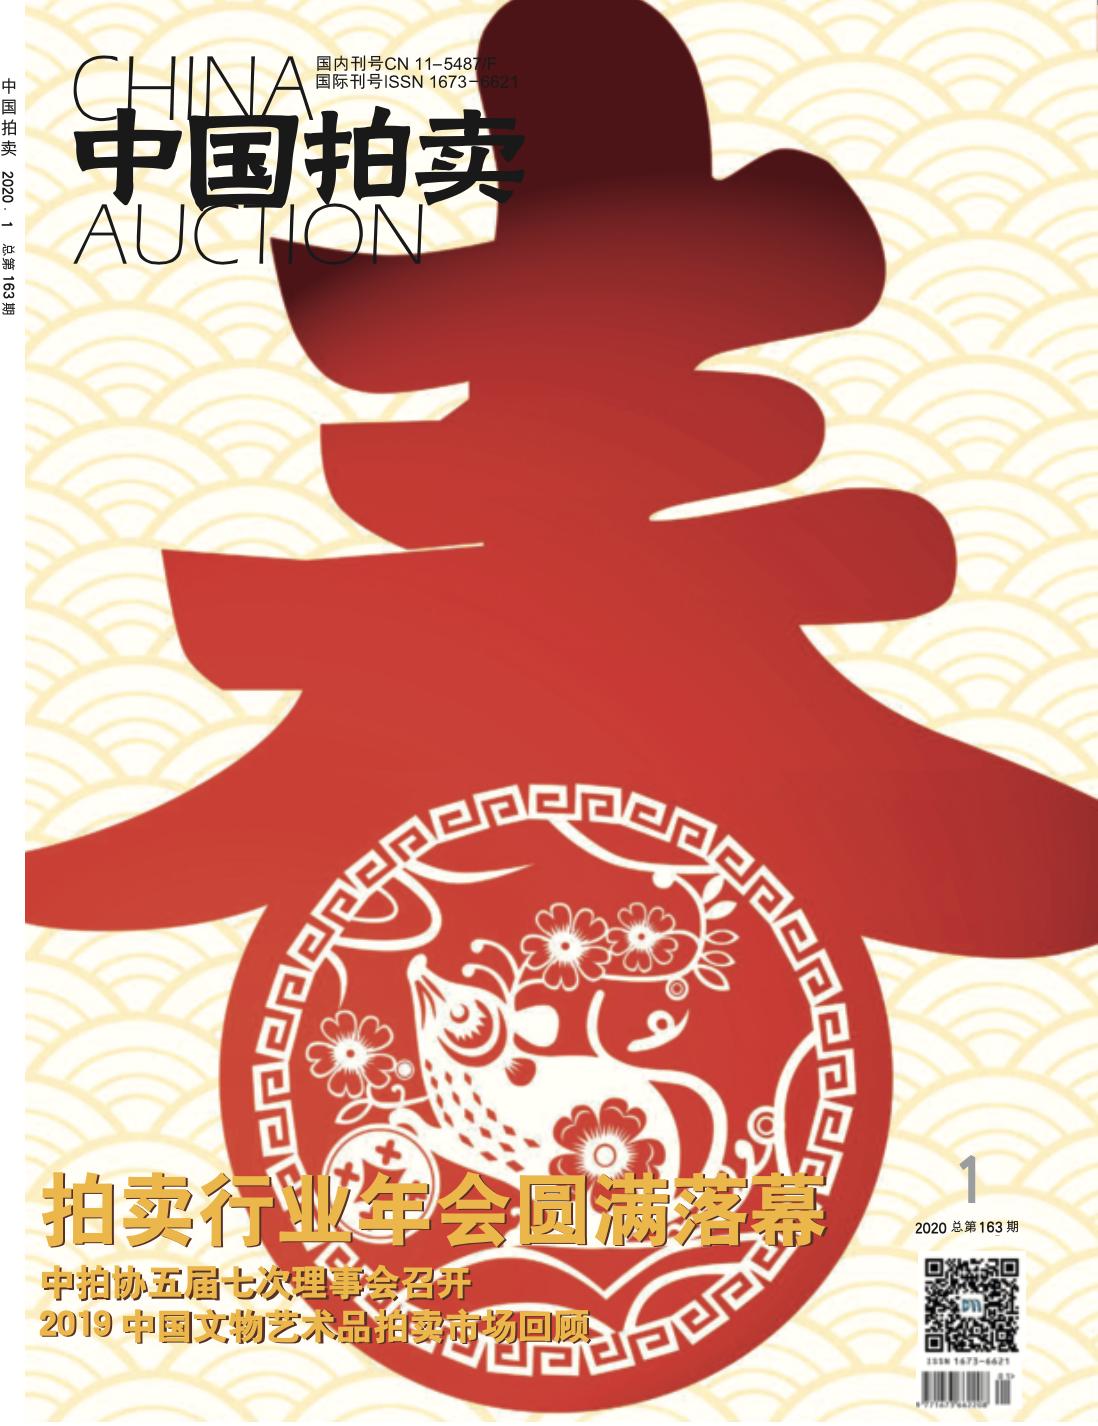 《中国拍卖》1月刊目录